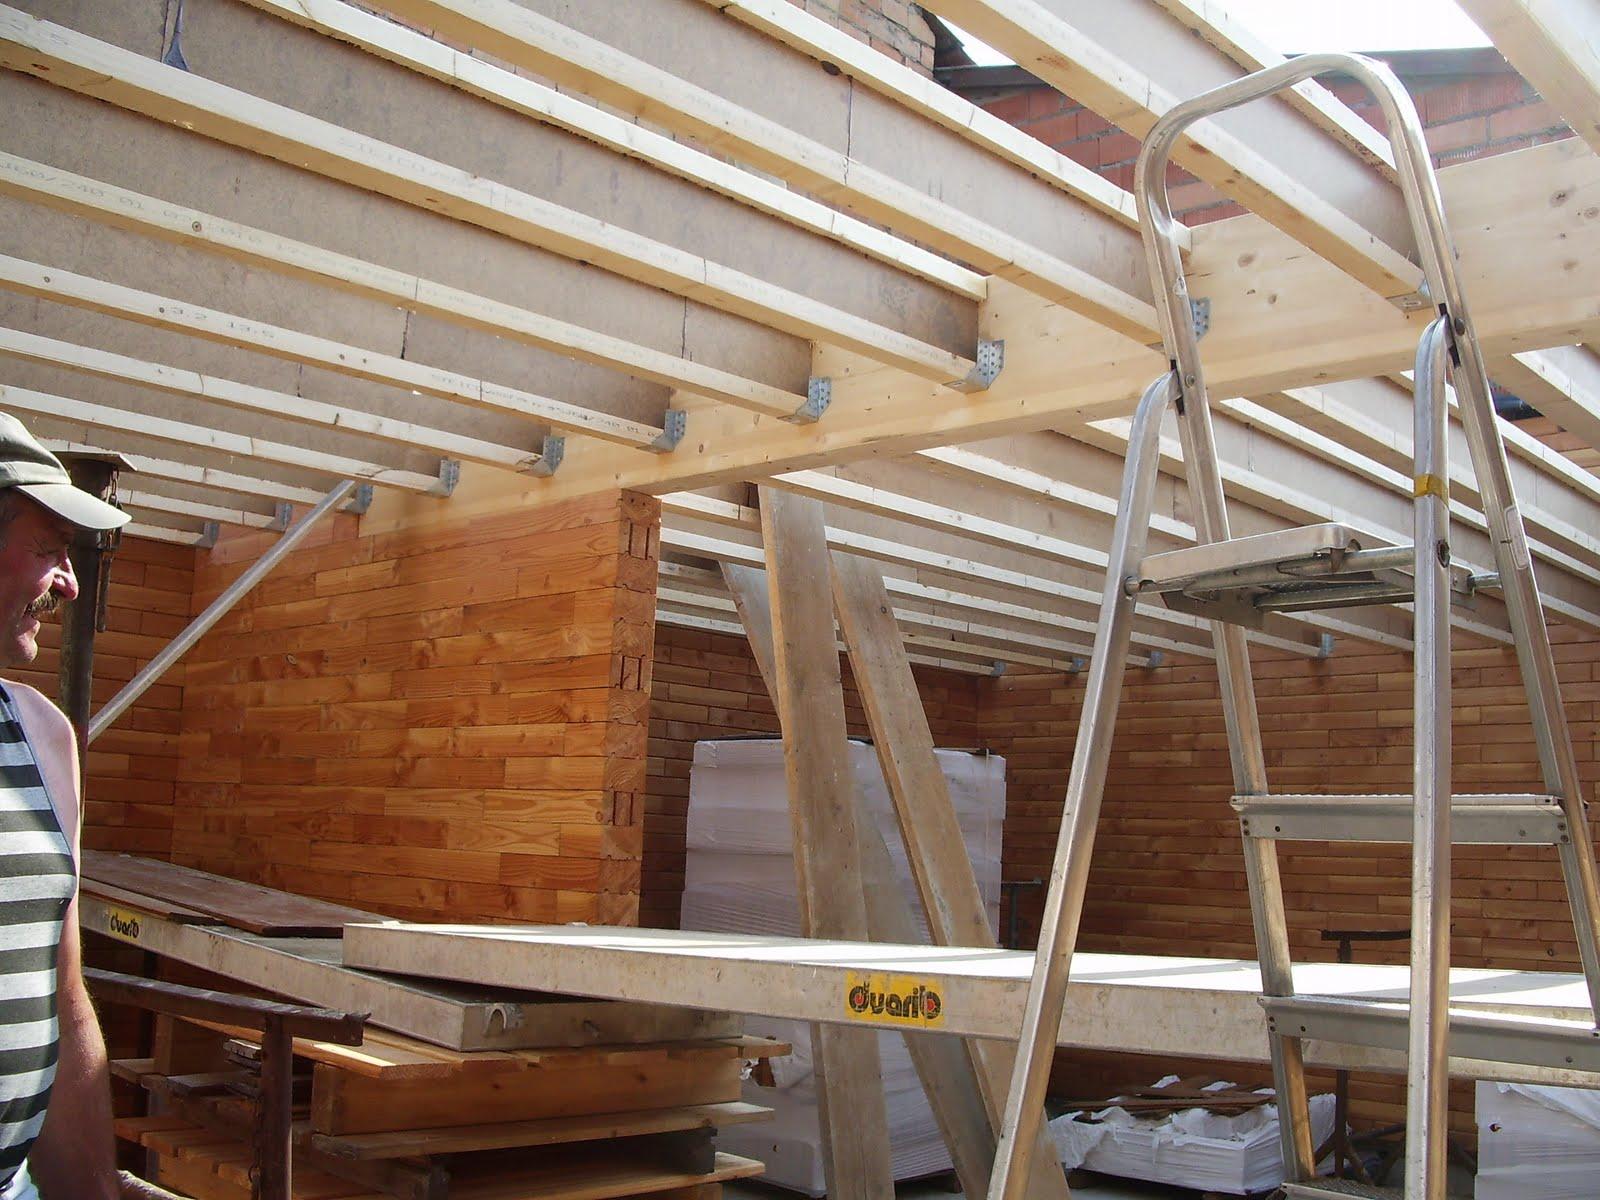 ma maison en parpaings de bois bvb le solivage de la moiti de la maison plancher tage. Black Bedroom Furniture Sets. Home Design Ideas